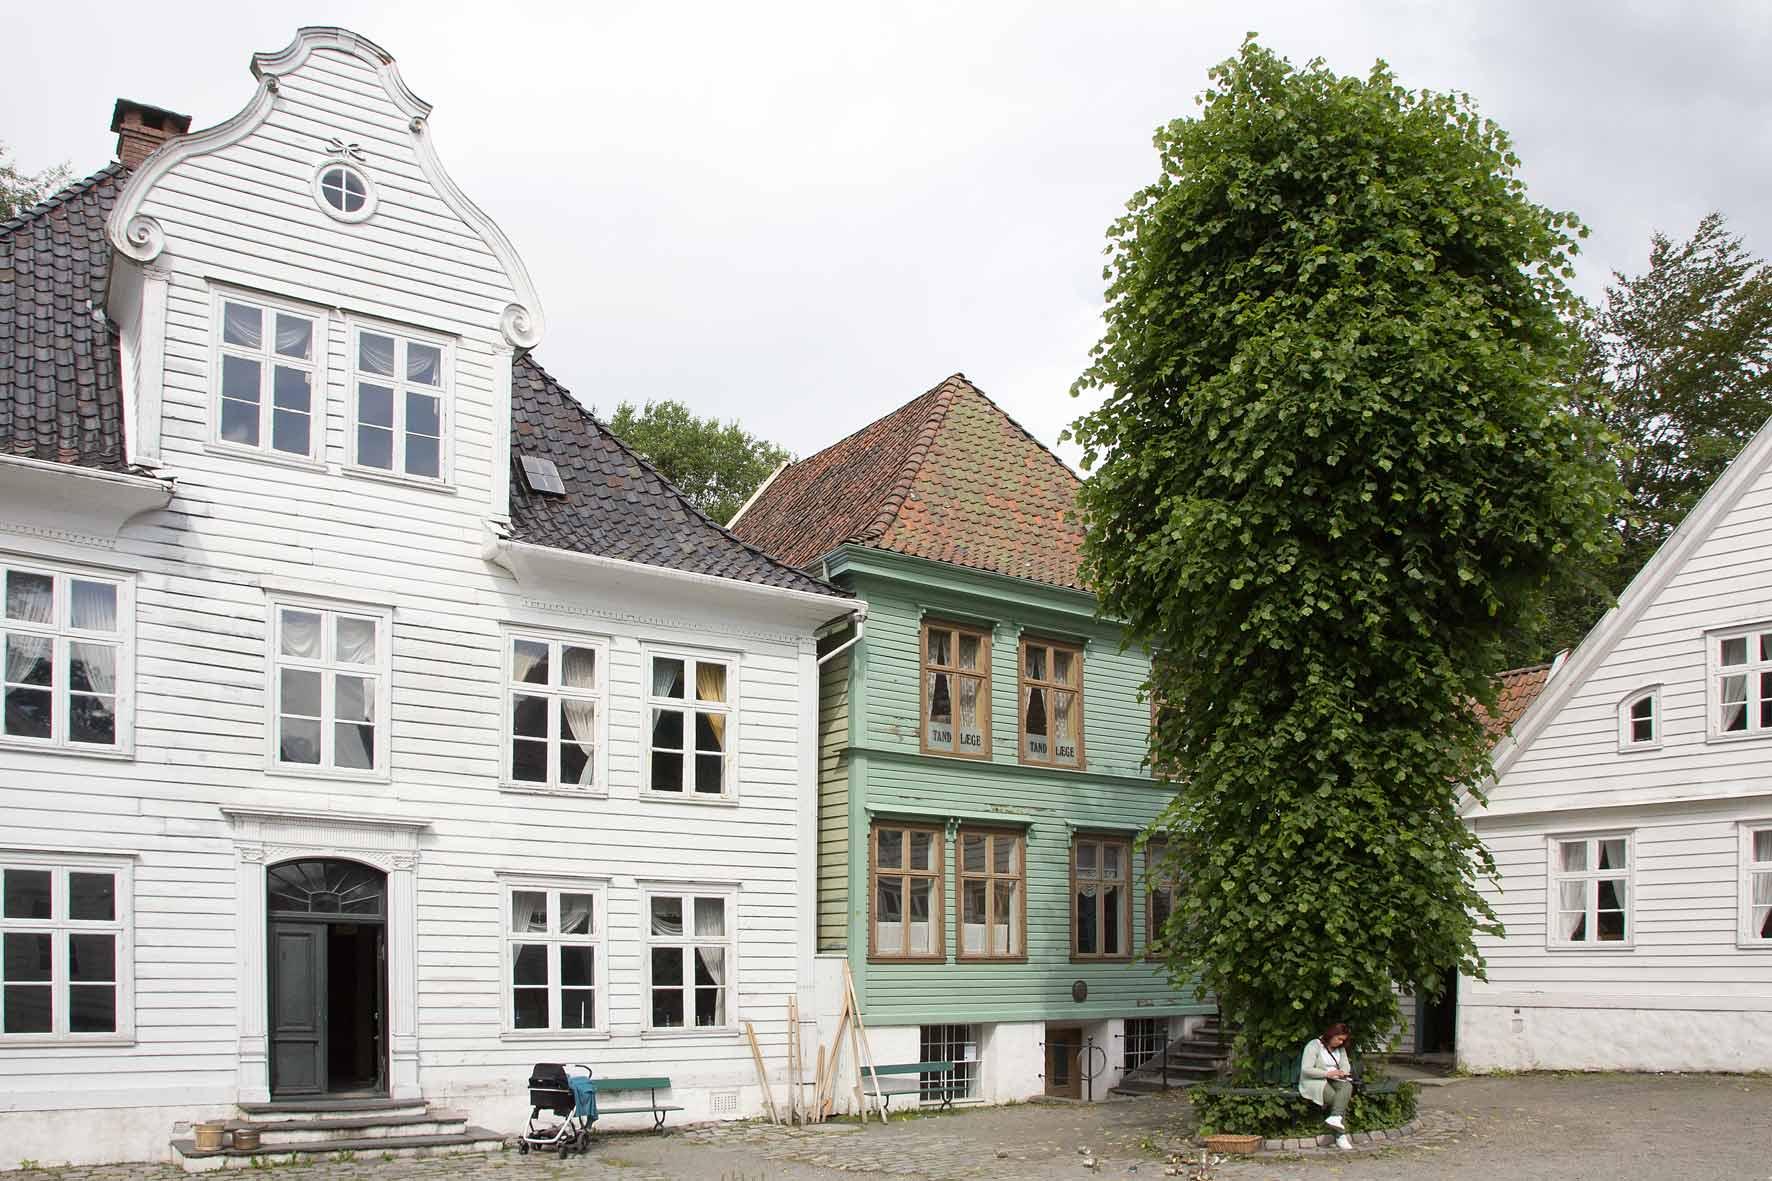 Zentraler Platz mit Arztpraxis in Gamle Bergen